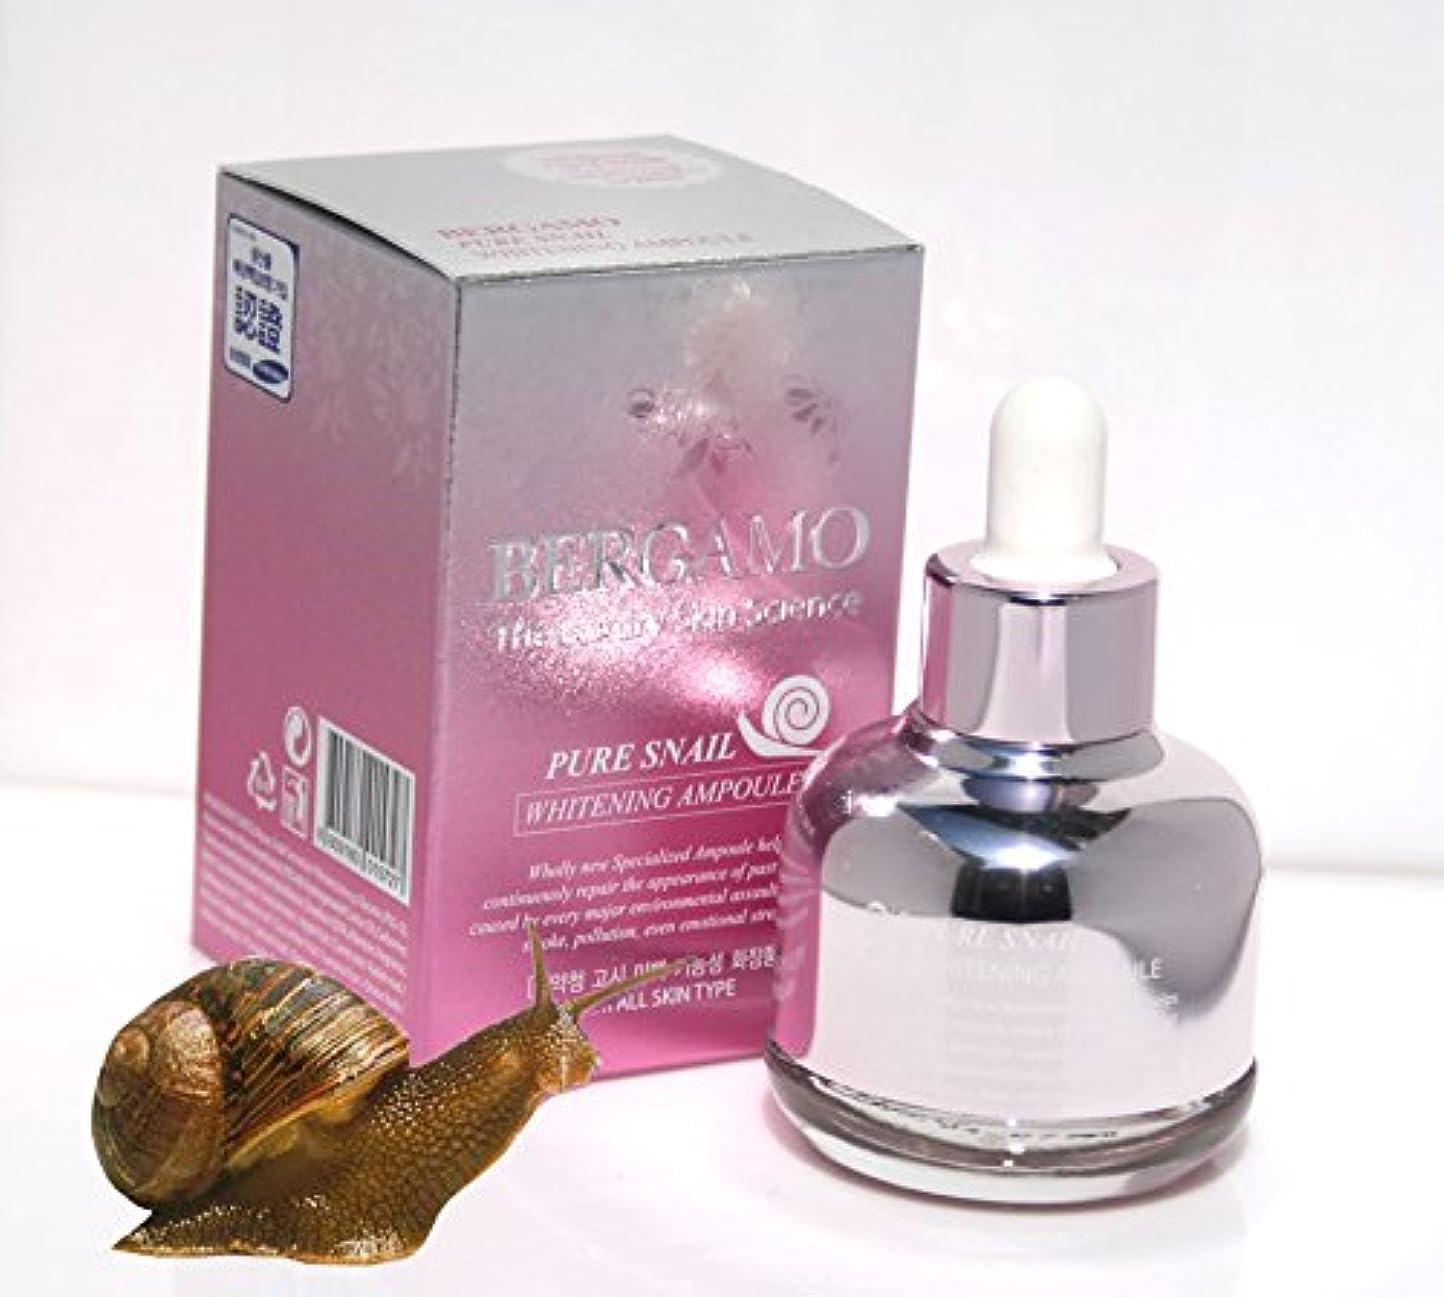 一元化するベギン悪意【ベルガモ][Bergamo] 高級スキン科学は純粋なカタツムリホワイトニングアンプル30ml / the Luxury Skin Science Pure Snail Whitening Ampoule 30ml /...